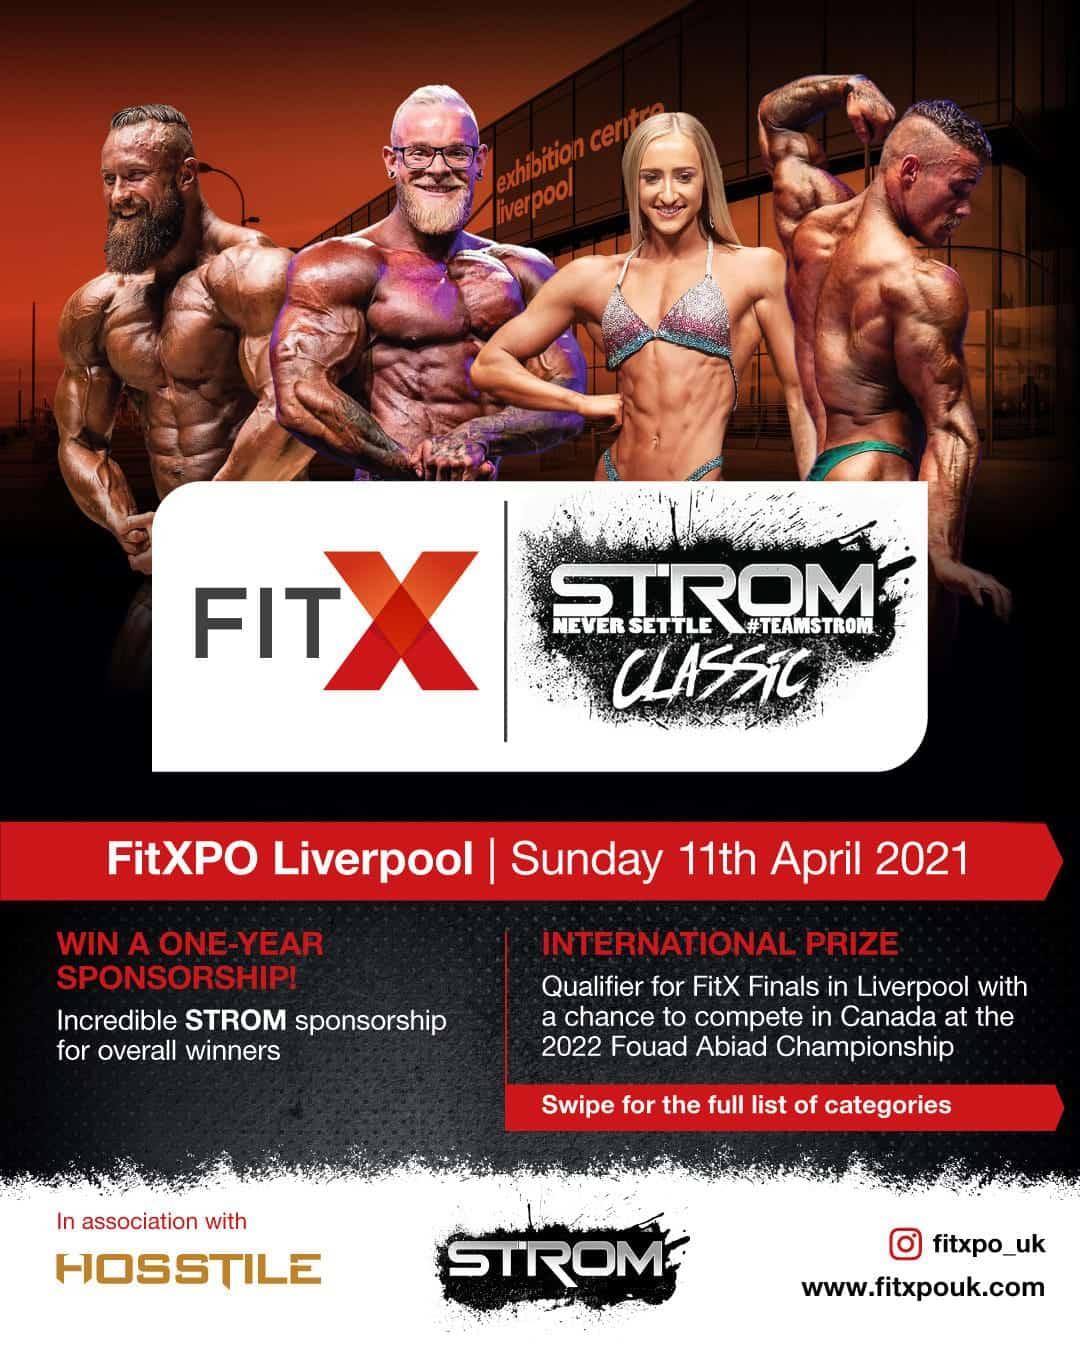 FitXpo Strom Classic